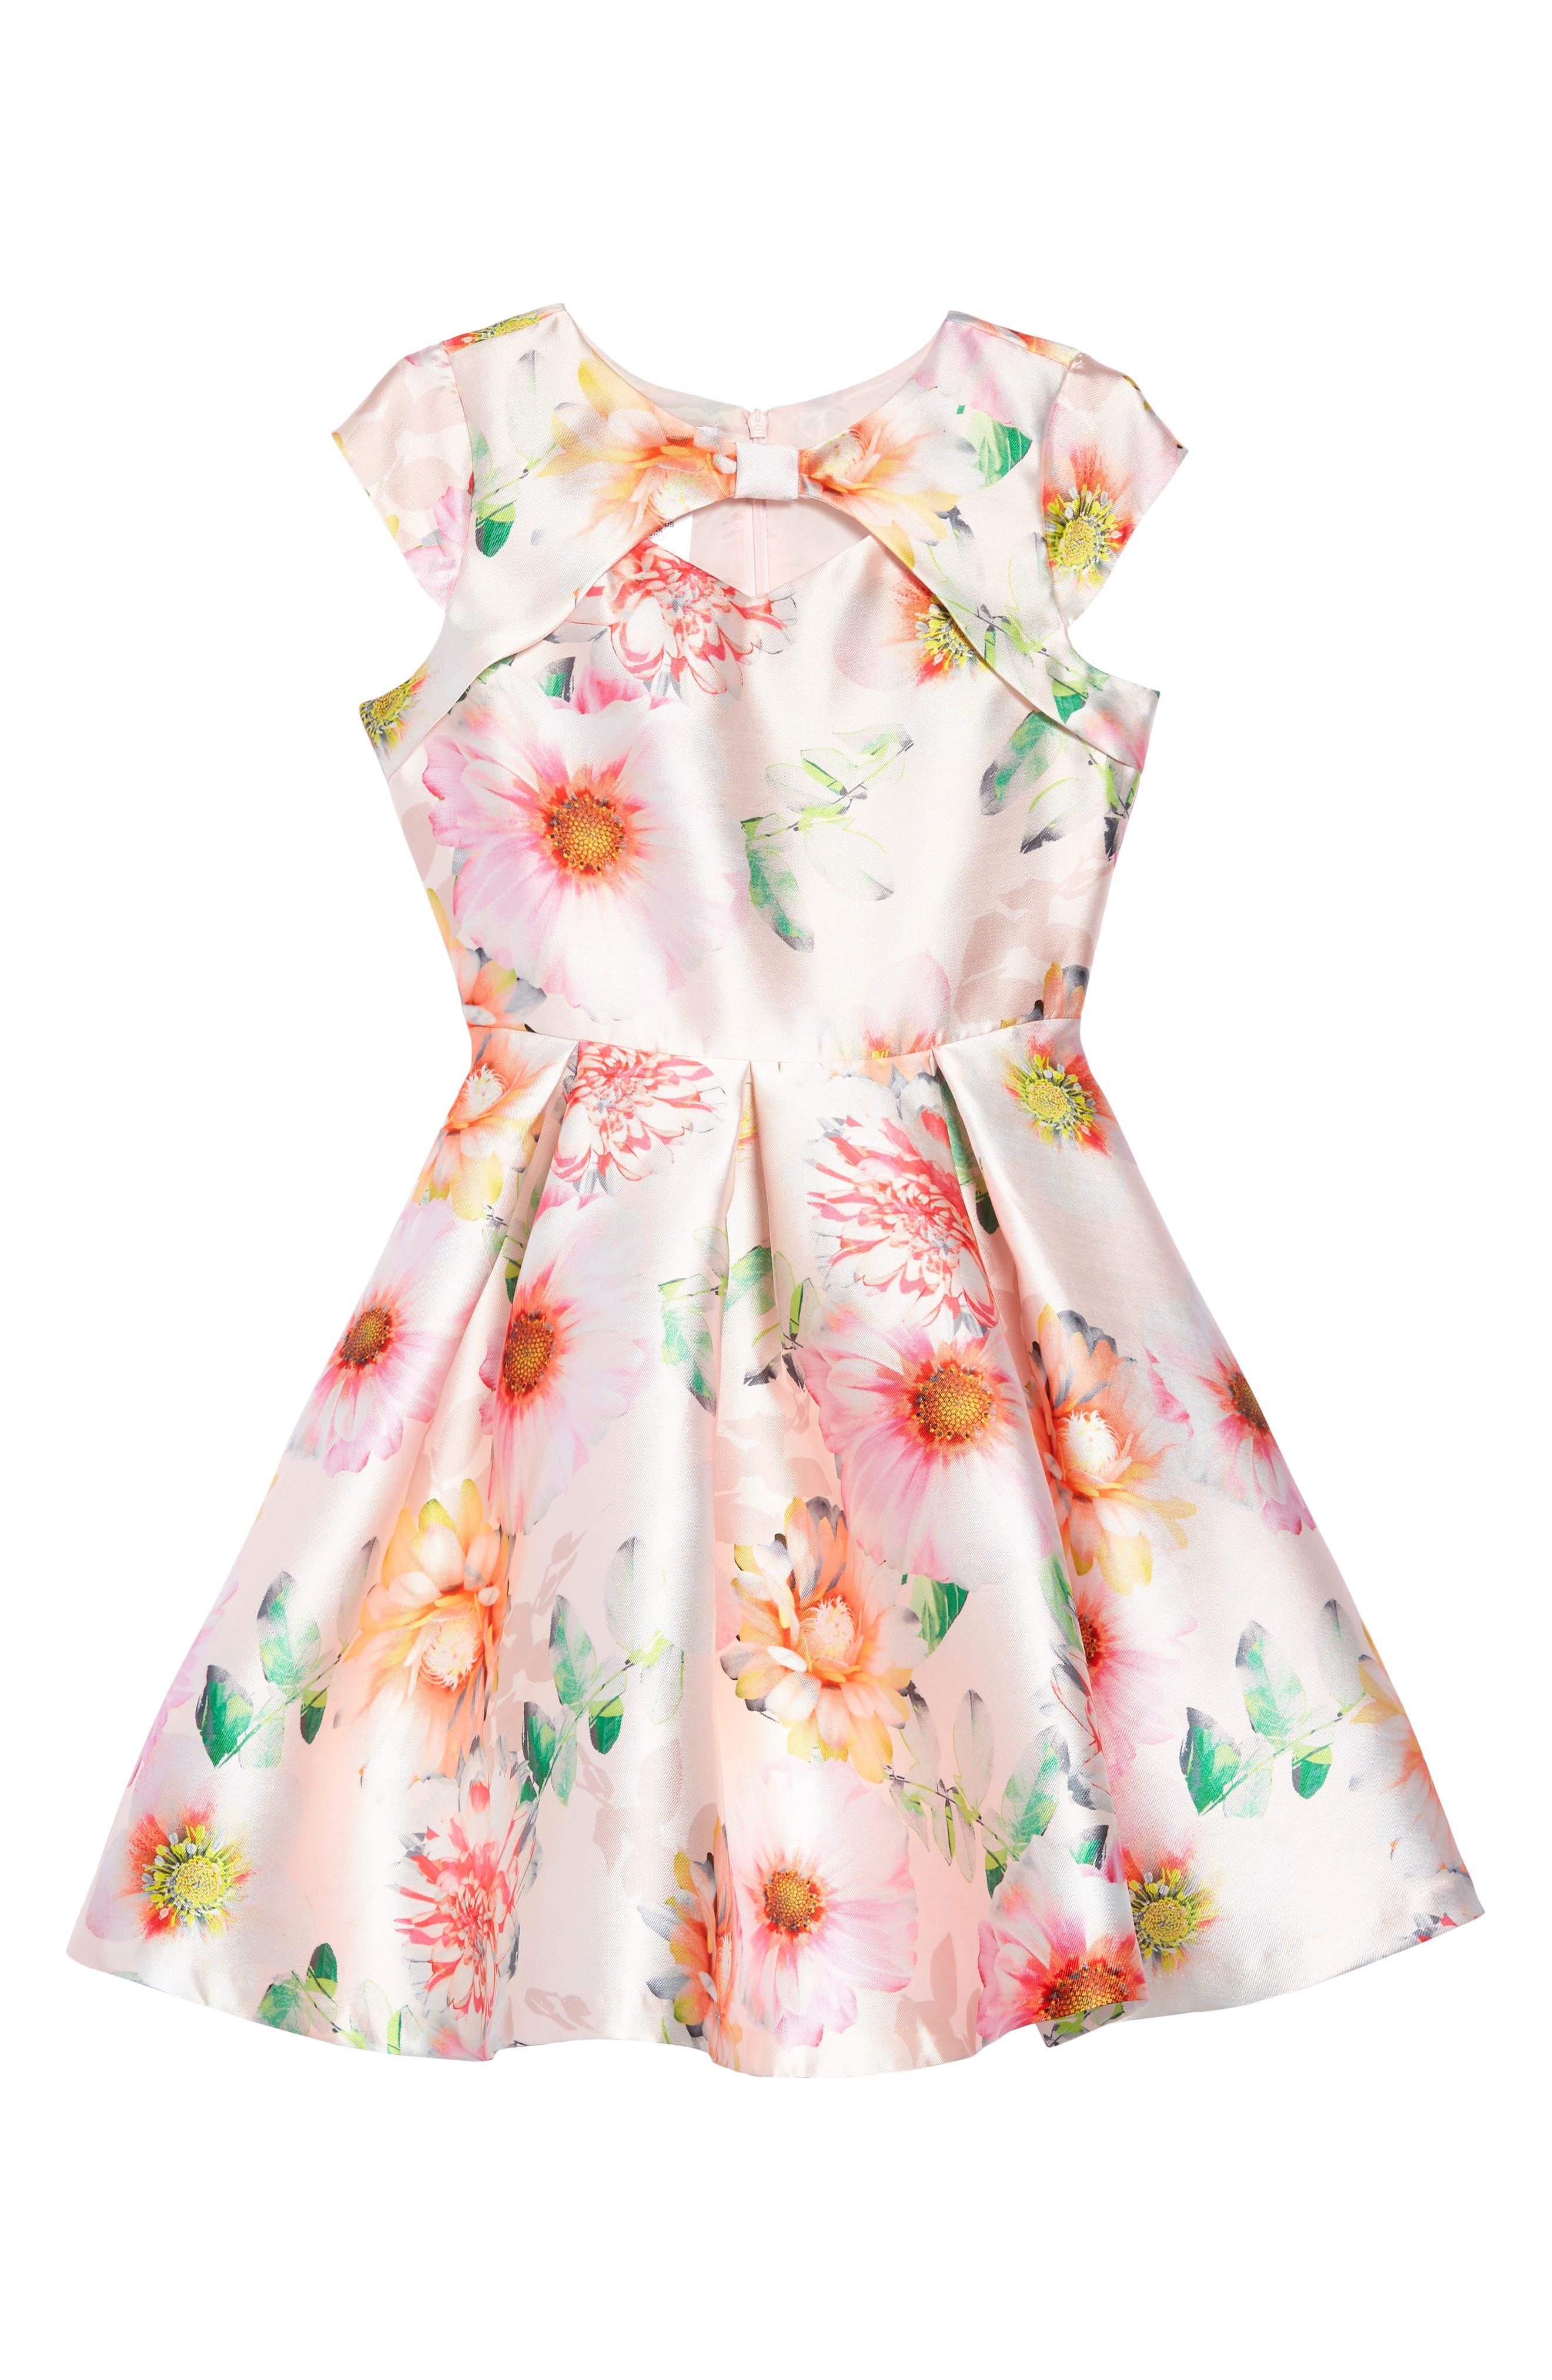 IRIS & IVY, Floral Print Satin Dress, Main thumbnail 1, color, PINK